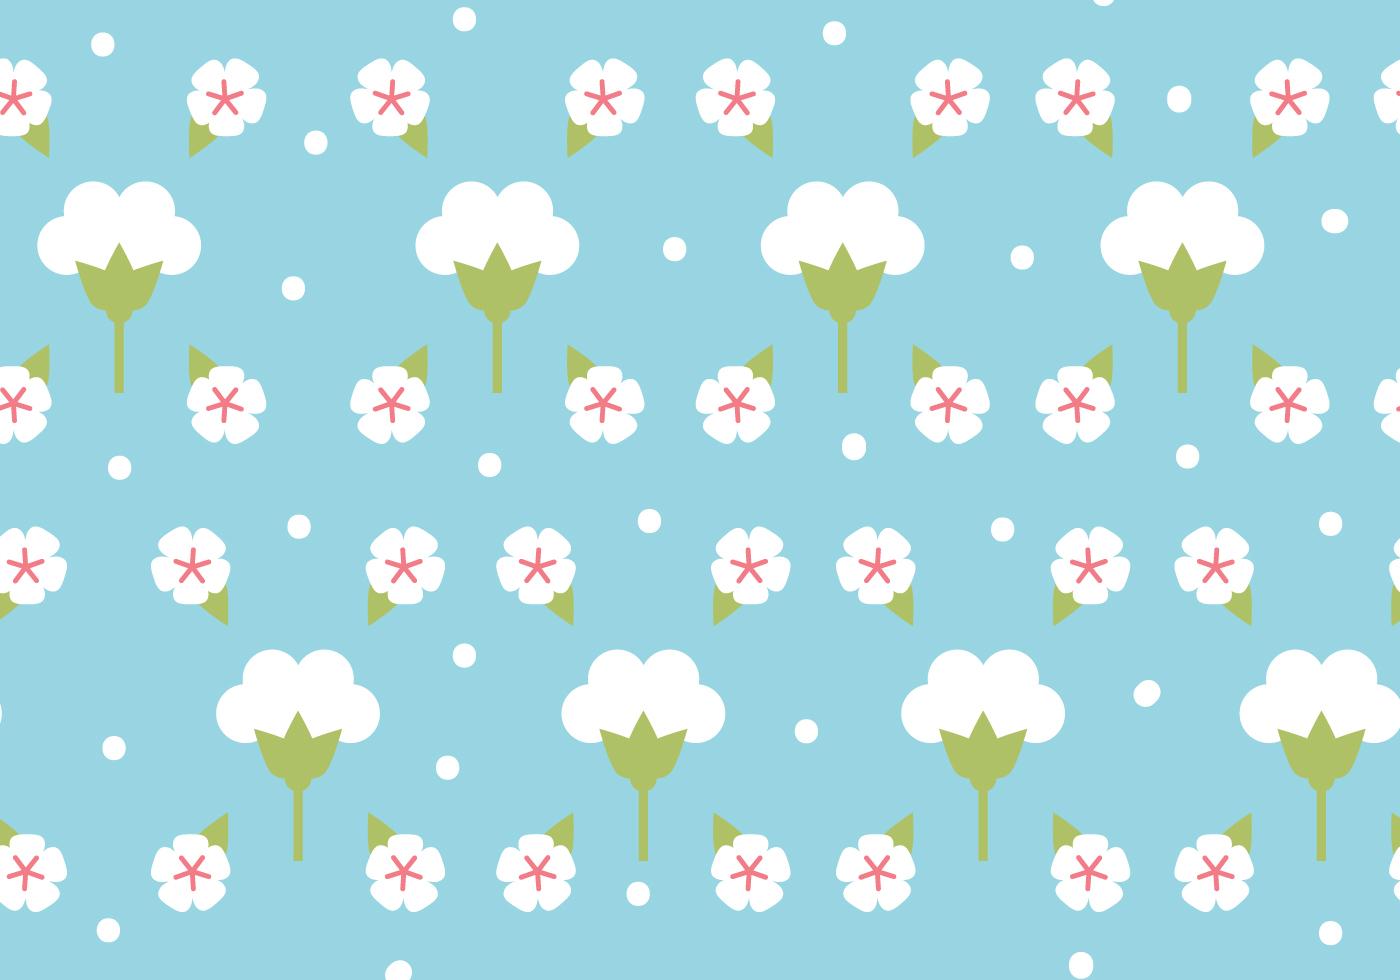 flat design cotton flower pattern